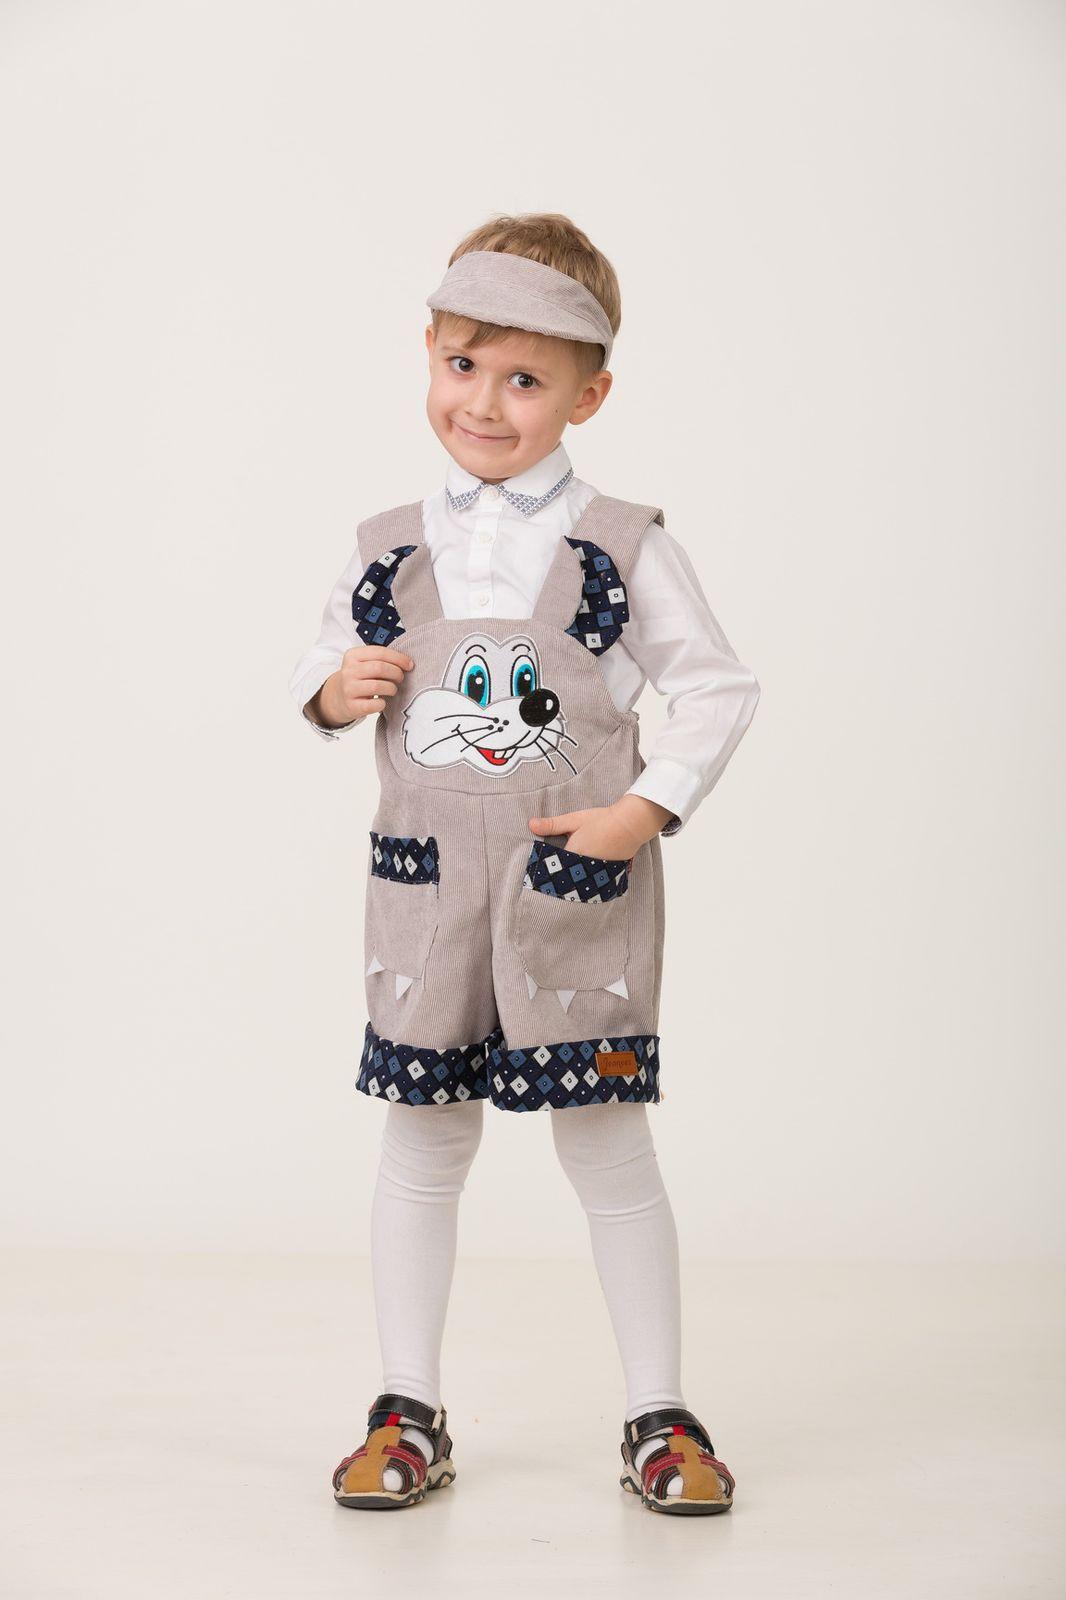 Карнавальный костюм Jeanees Мышонок Масик, цвет: серый. Размер: 26 карнавальный костюм jeanees мышонок масик цвет серый размер 24